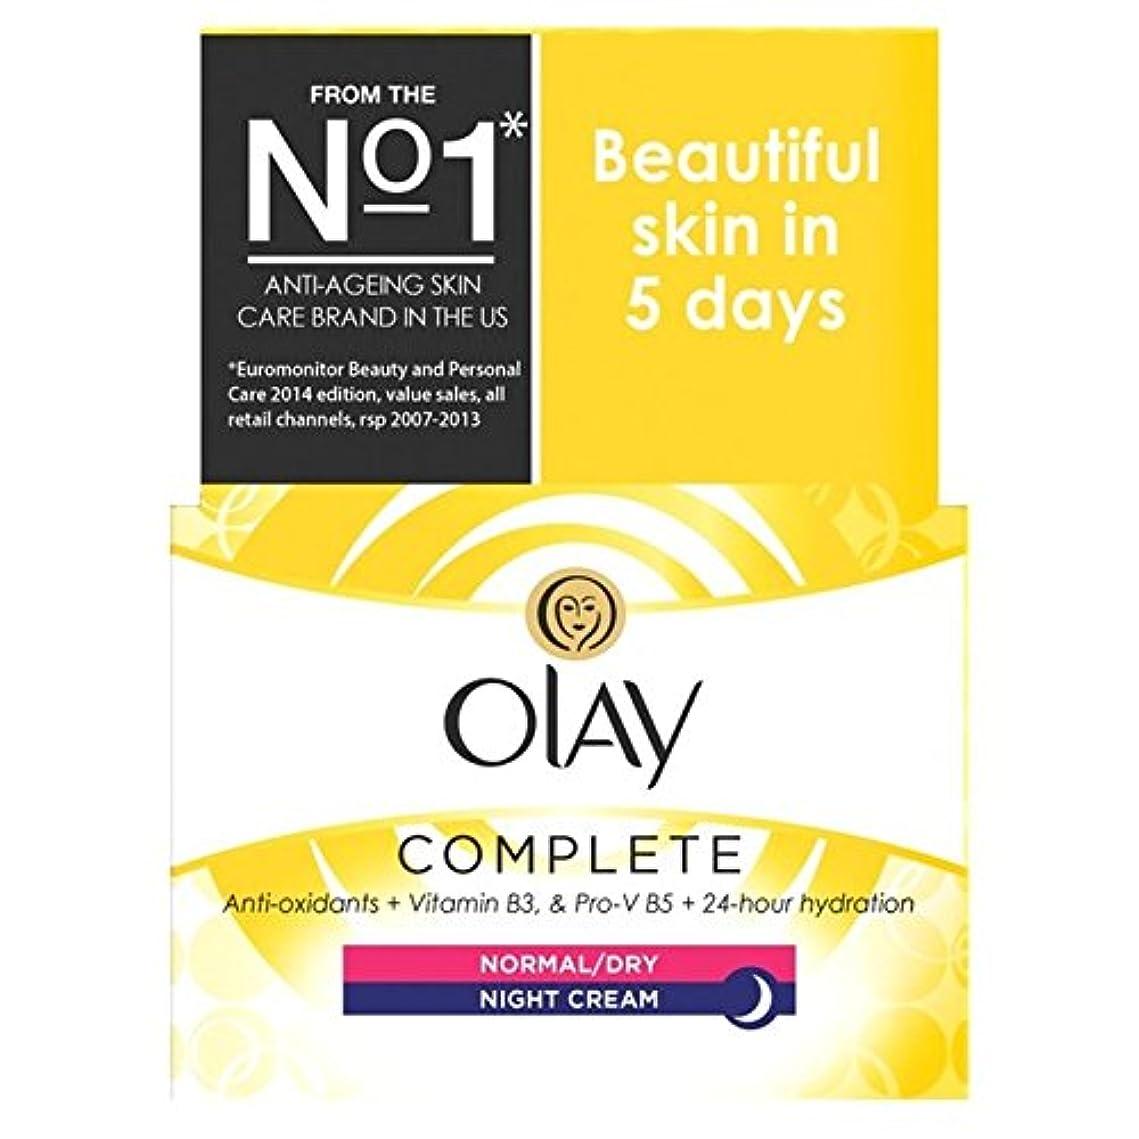 バスルーム強制的着服オーレイ必需品の完全なケア保湿ナイトクリーム50ミリリットル x4 - Olay Essentials Complete Care Moisturiser Night Cream 50ml (Pack of 4) [並行輸入品]